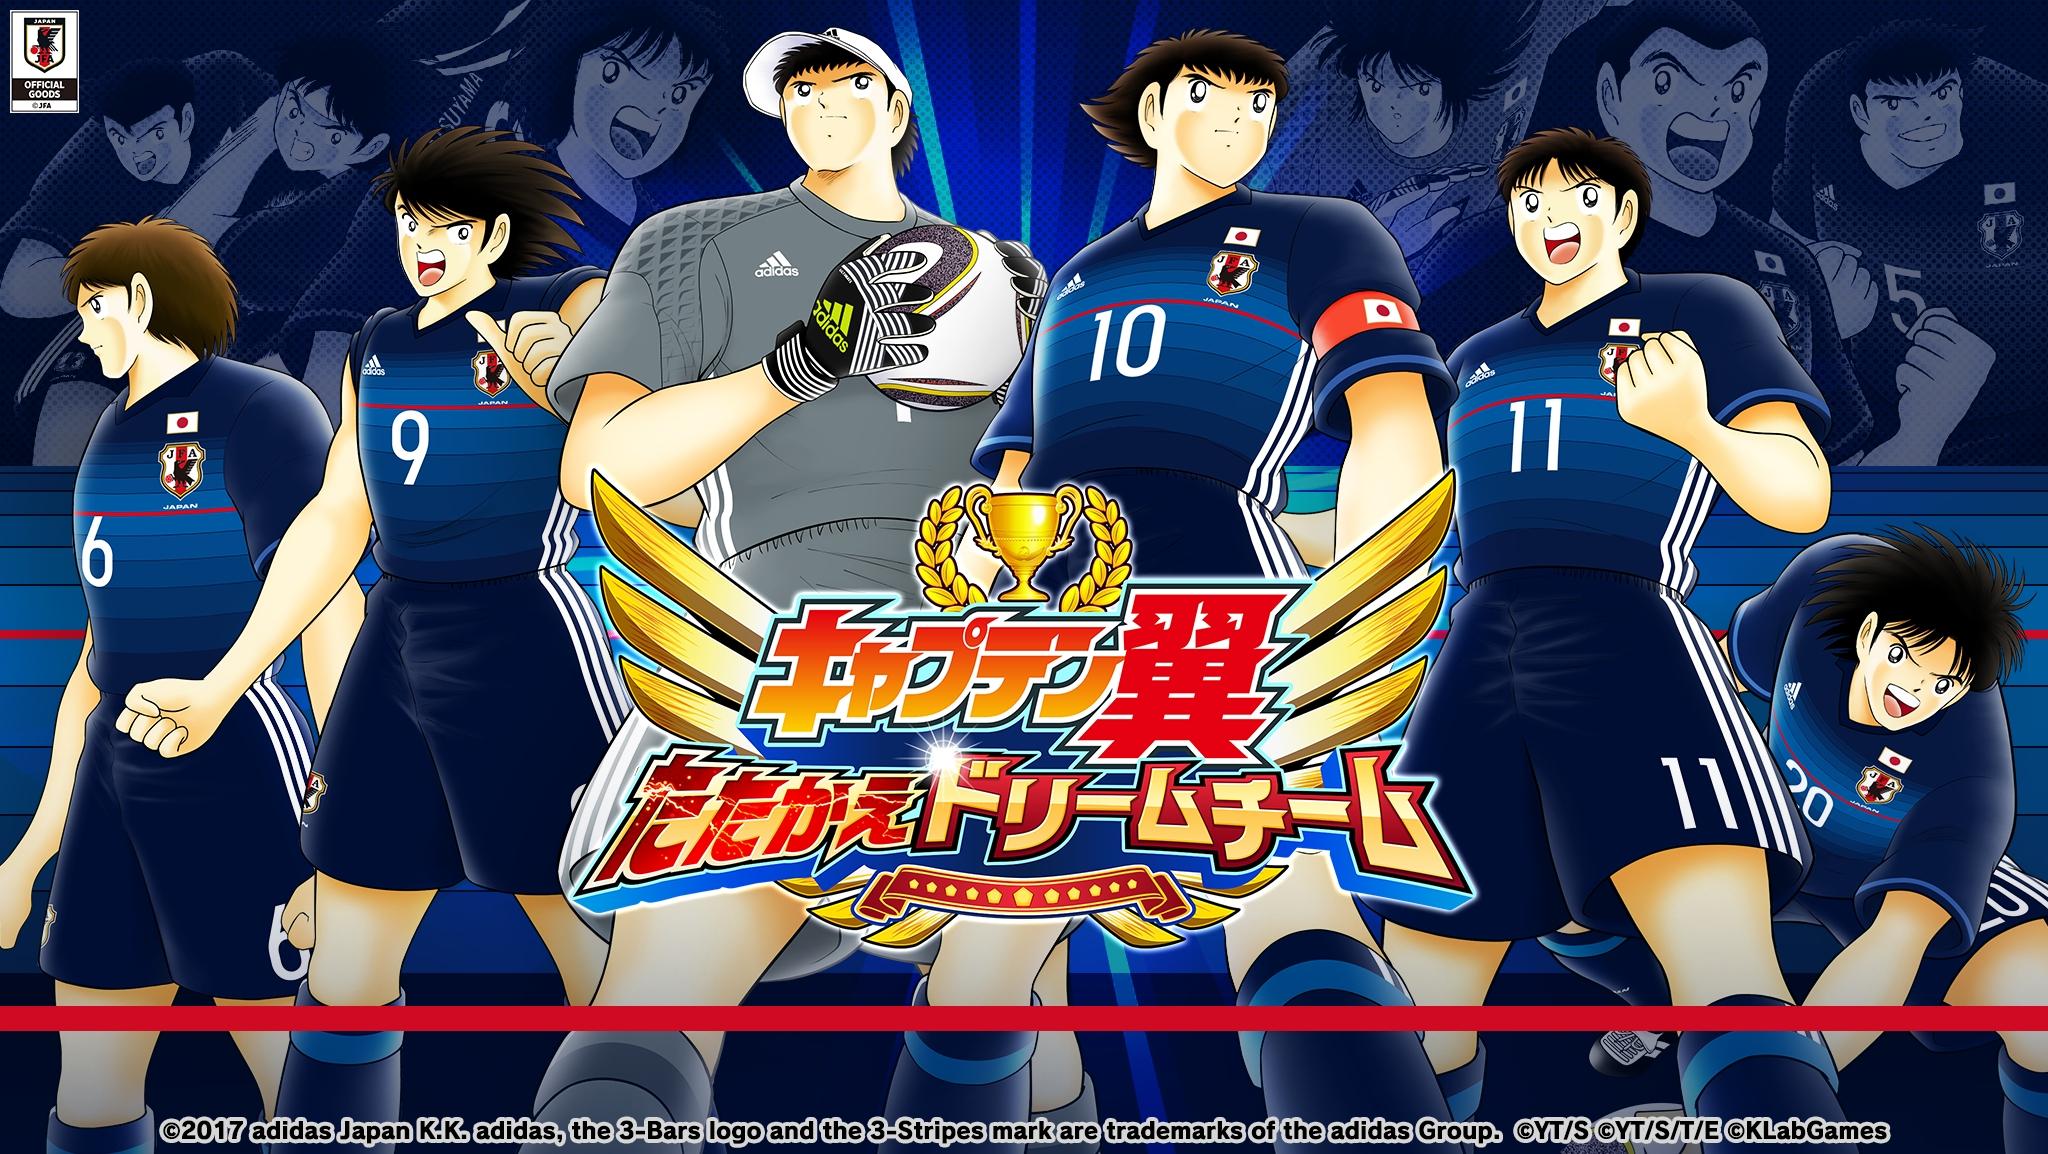 『キャプテン翼 ~たたかえドリームチーム~』 ガチャキャンペーンを開催!